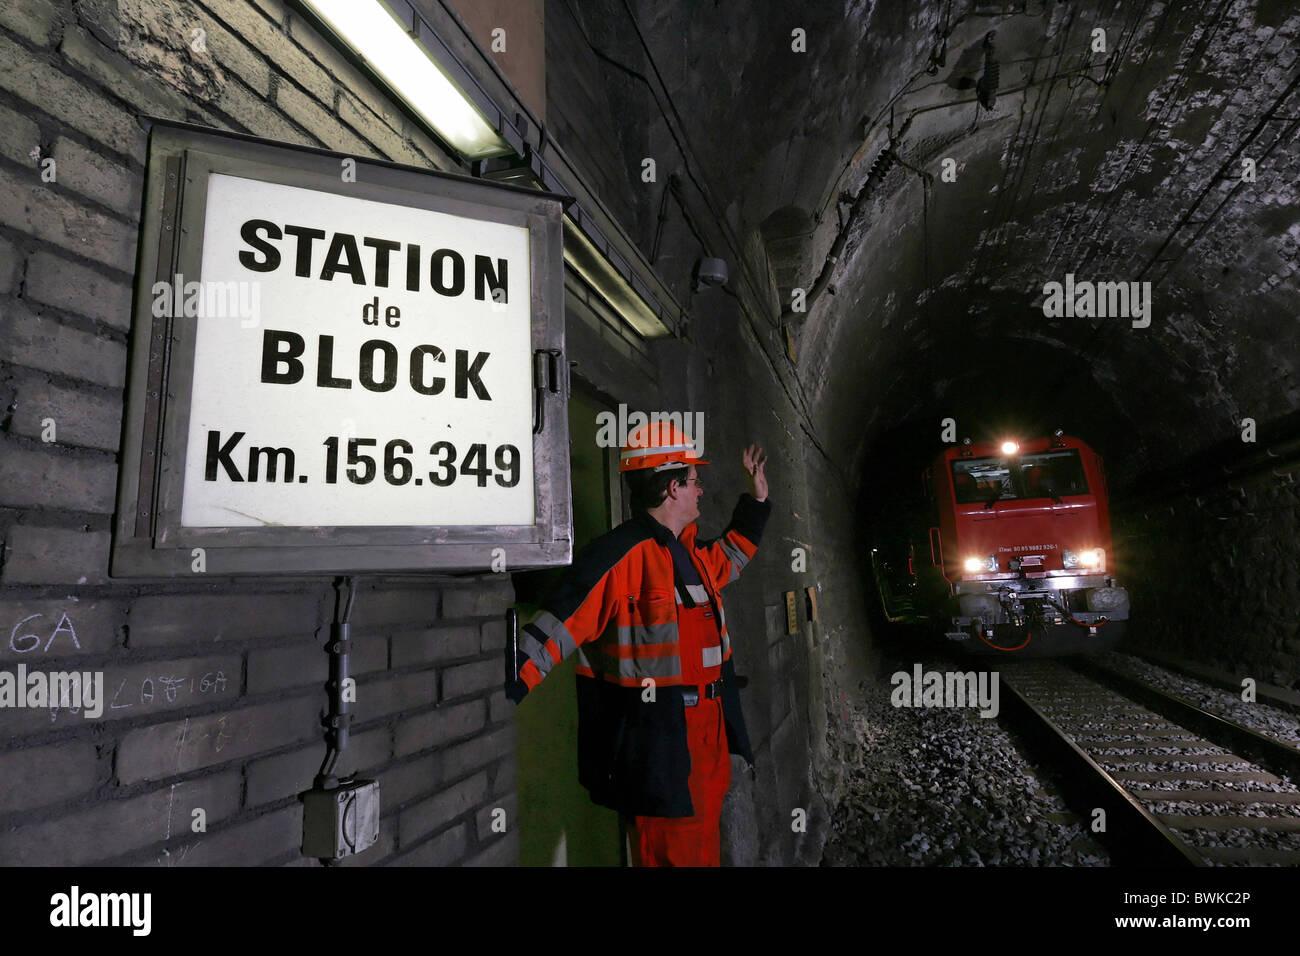 L'uomo lavoratore di ufficio Ferrovie Federali Svizzere lavoratori bacheca segno scudo Briga Sempione trasporto Immagini Stock